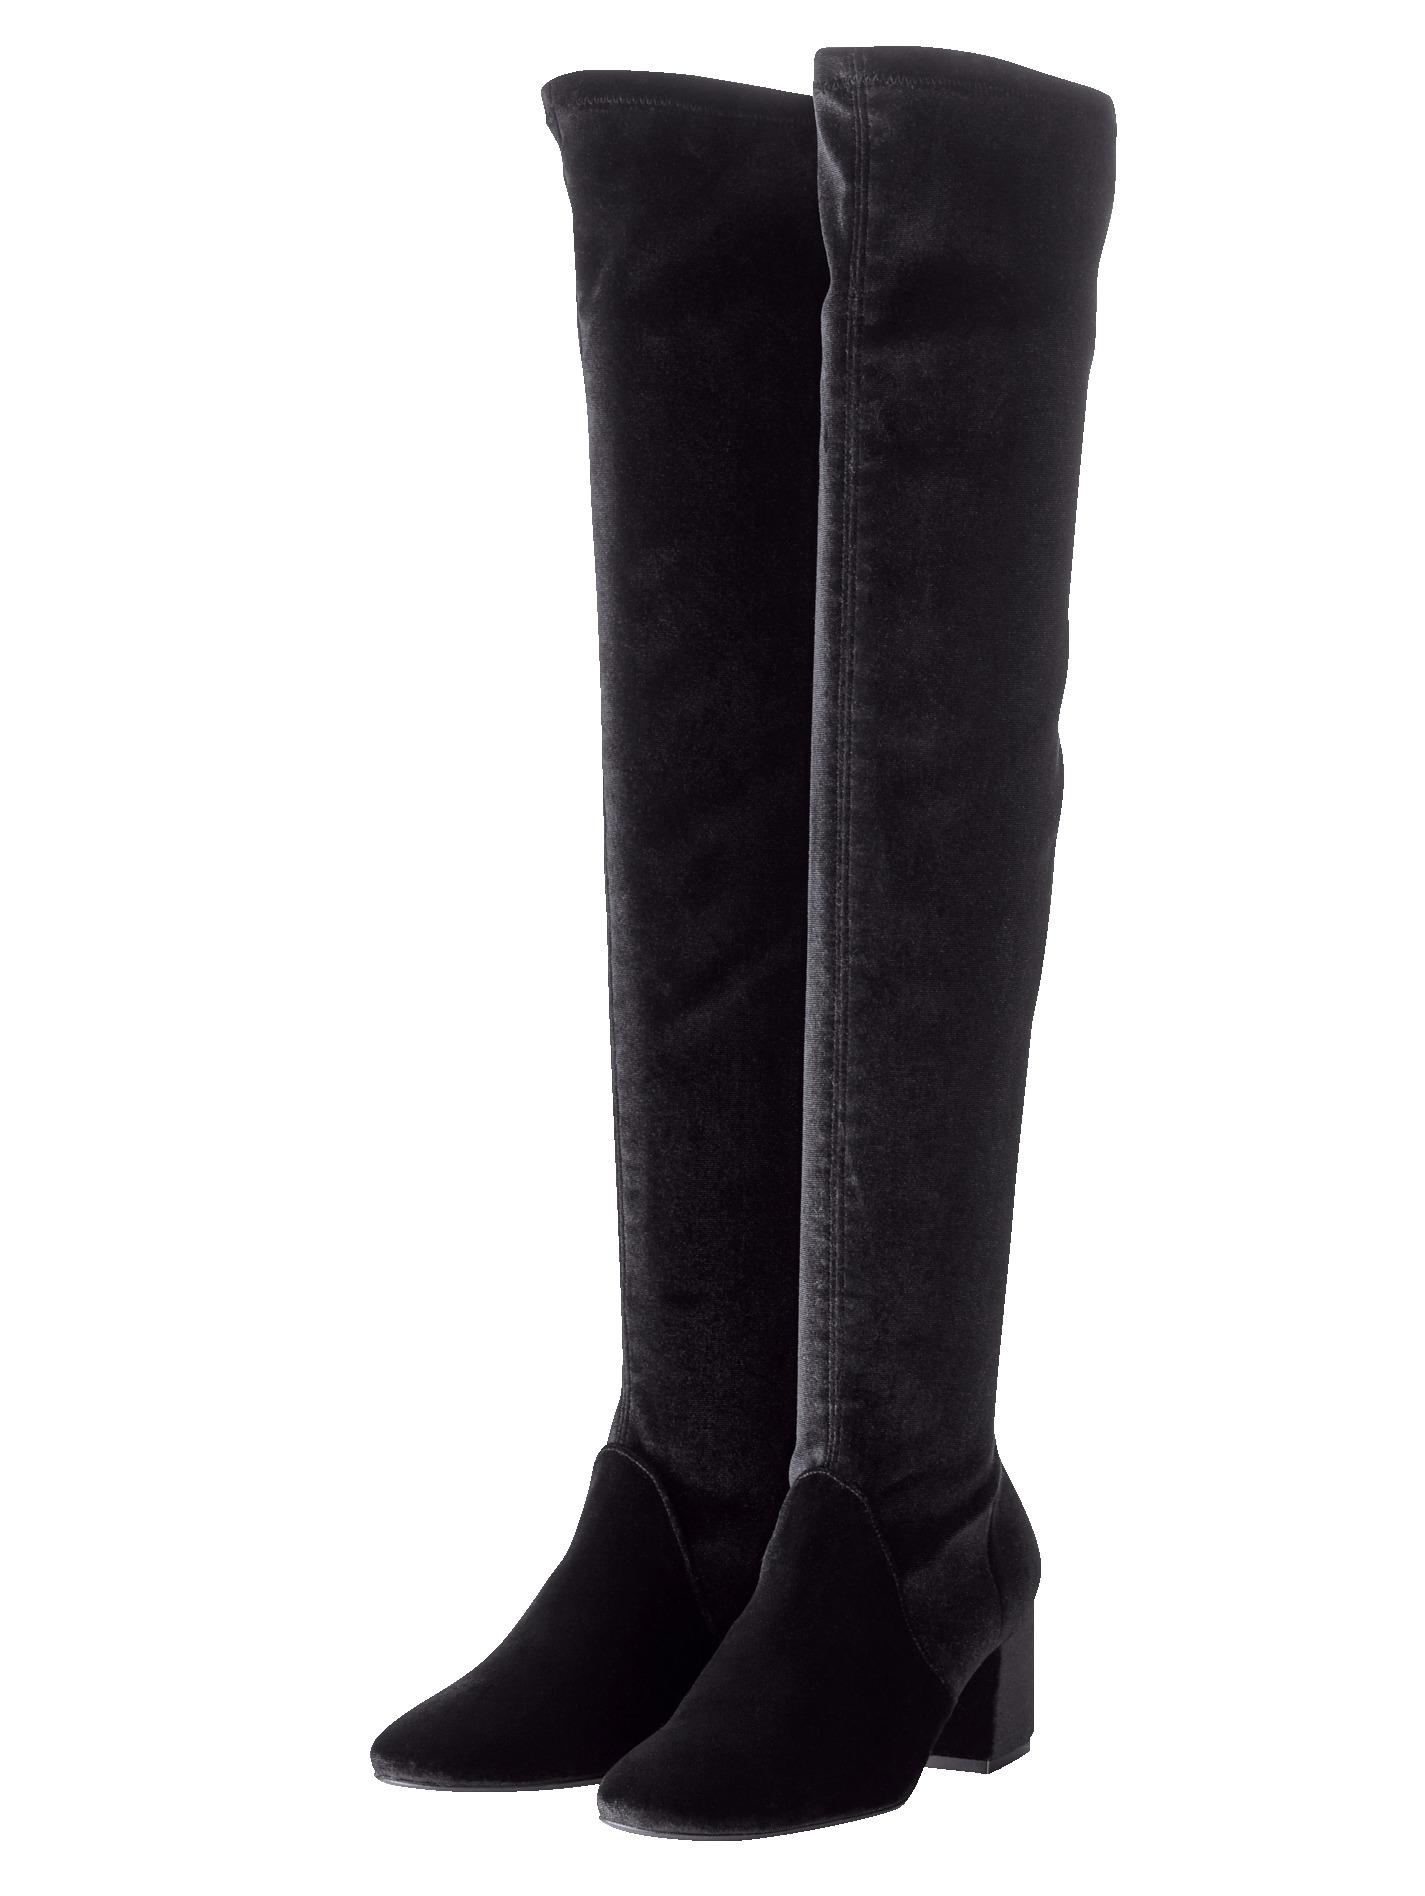 Overknee-Stiefel SIENNA schwarz